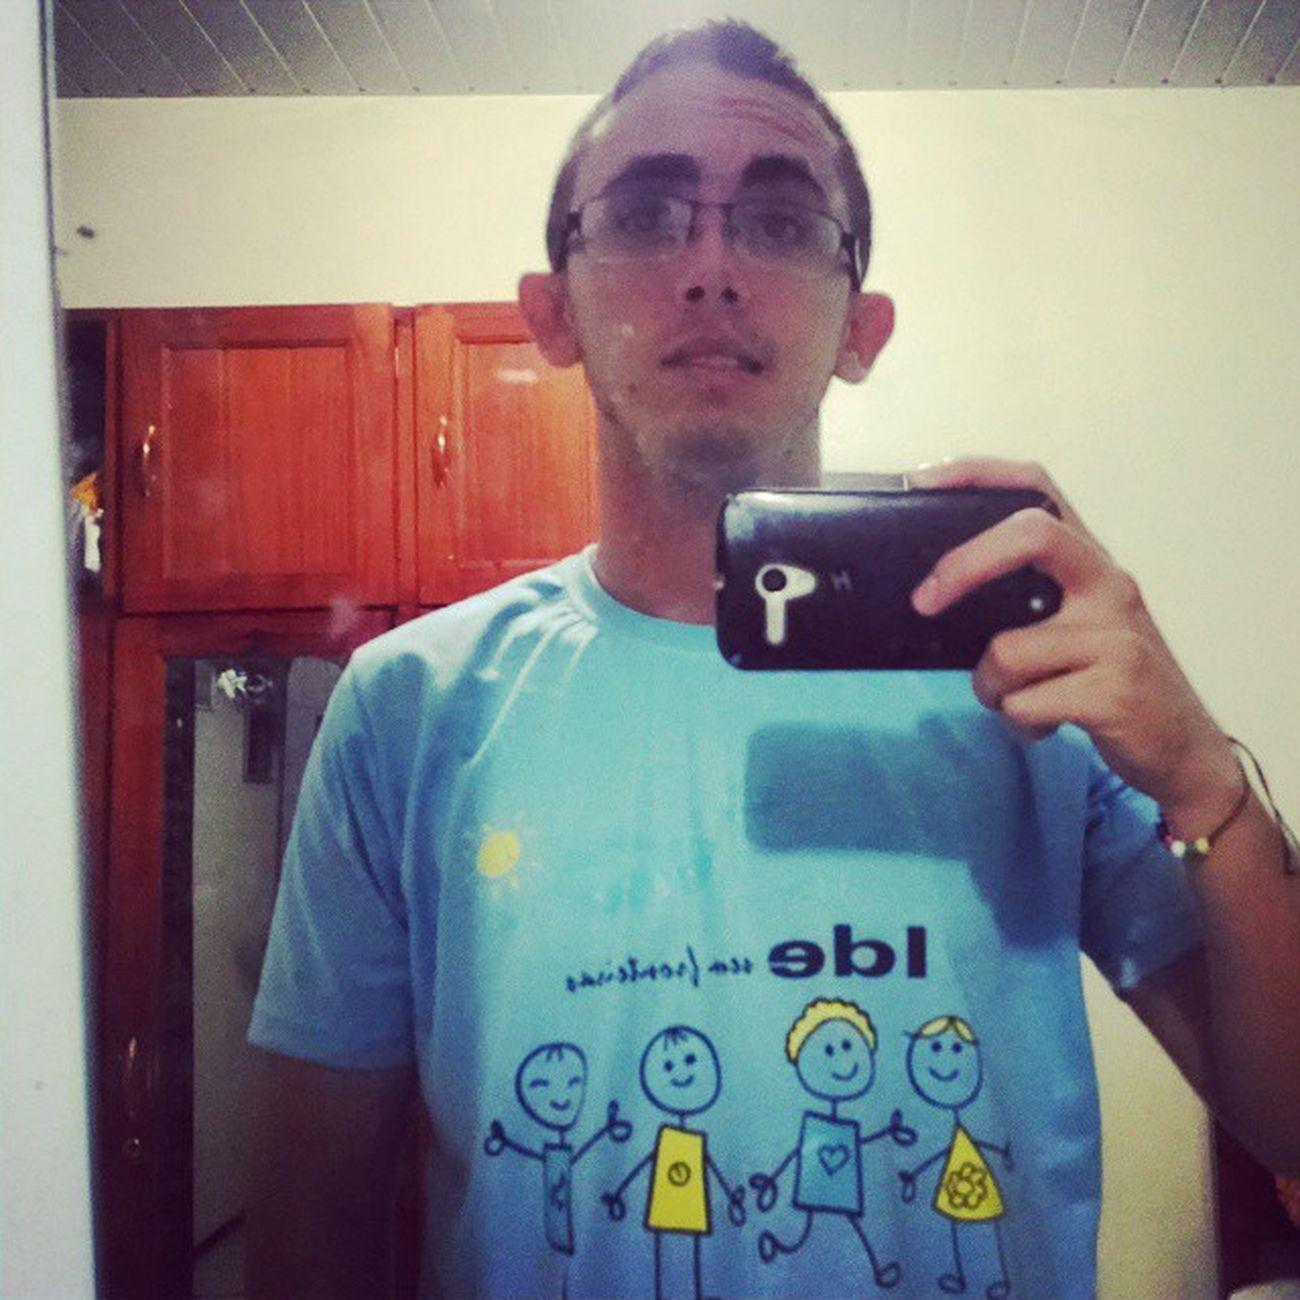 Camisa nova... IDE... énois LampsEmAção Dehj